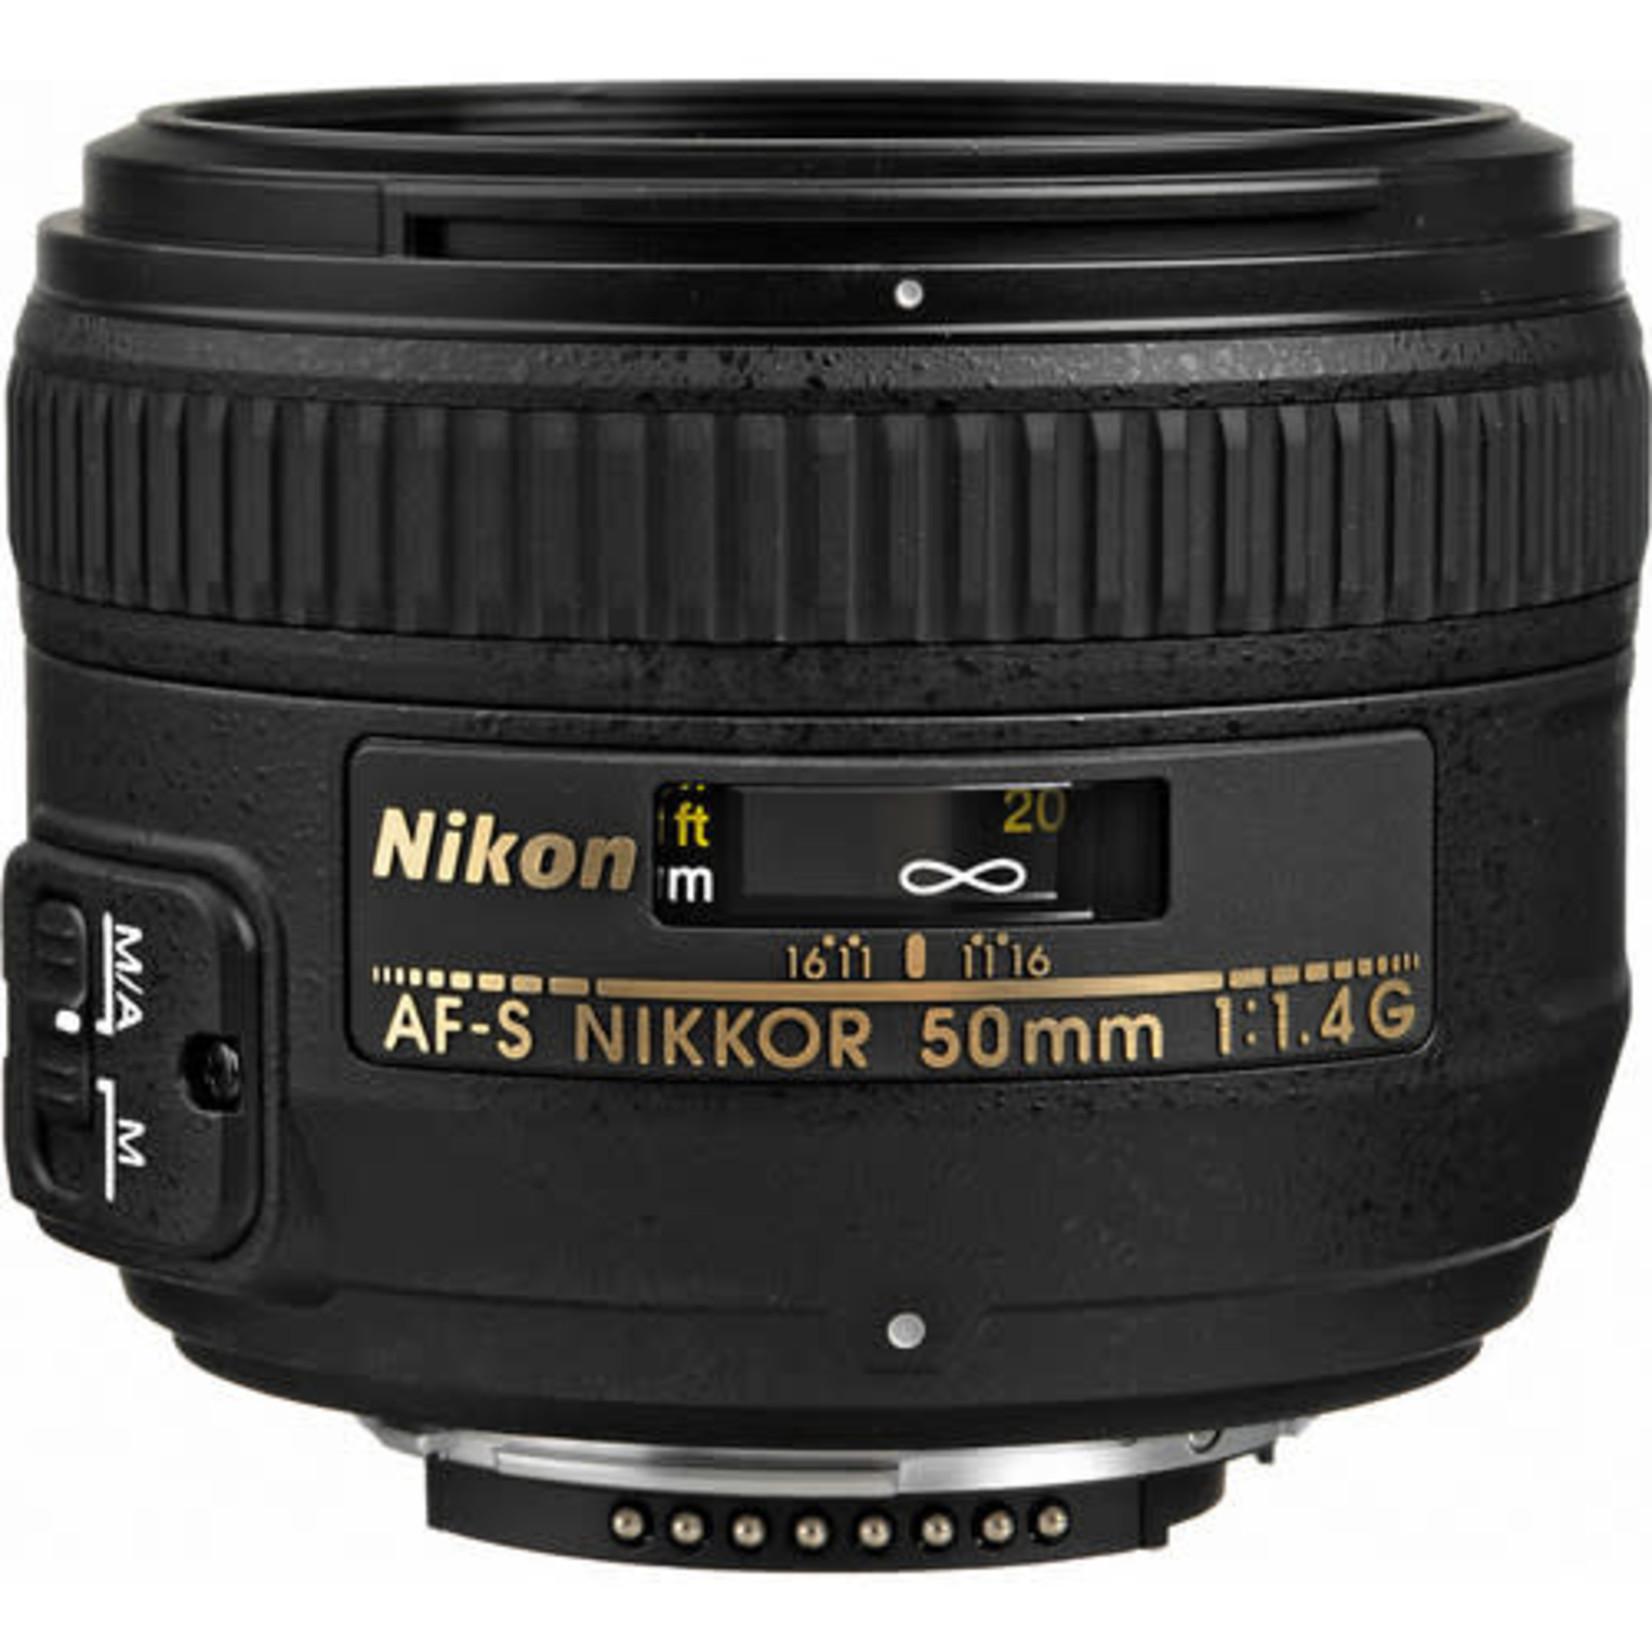 Nikon Nikon AF-S NIKKOR 50mm f/1.4G Lens